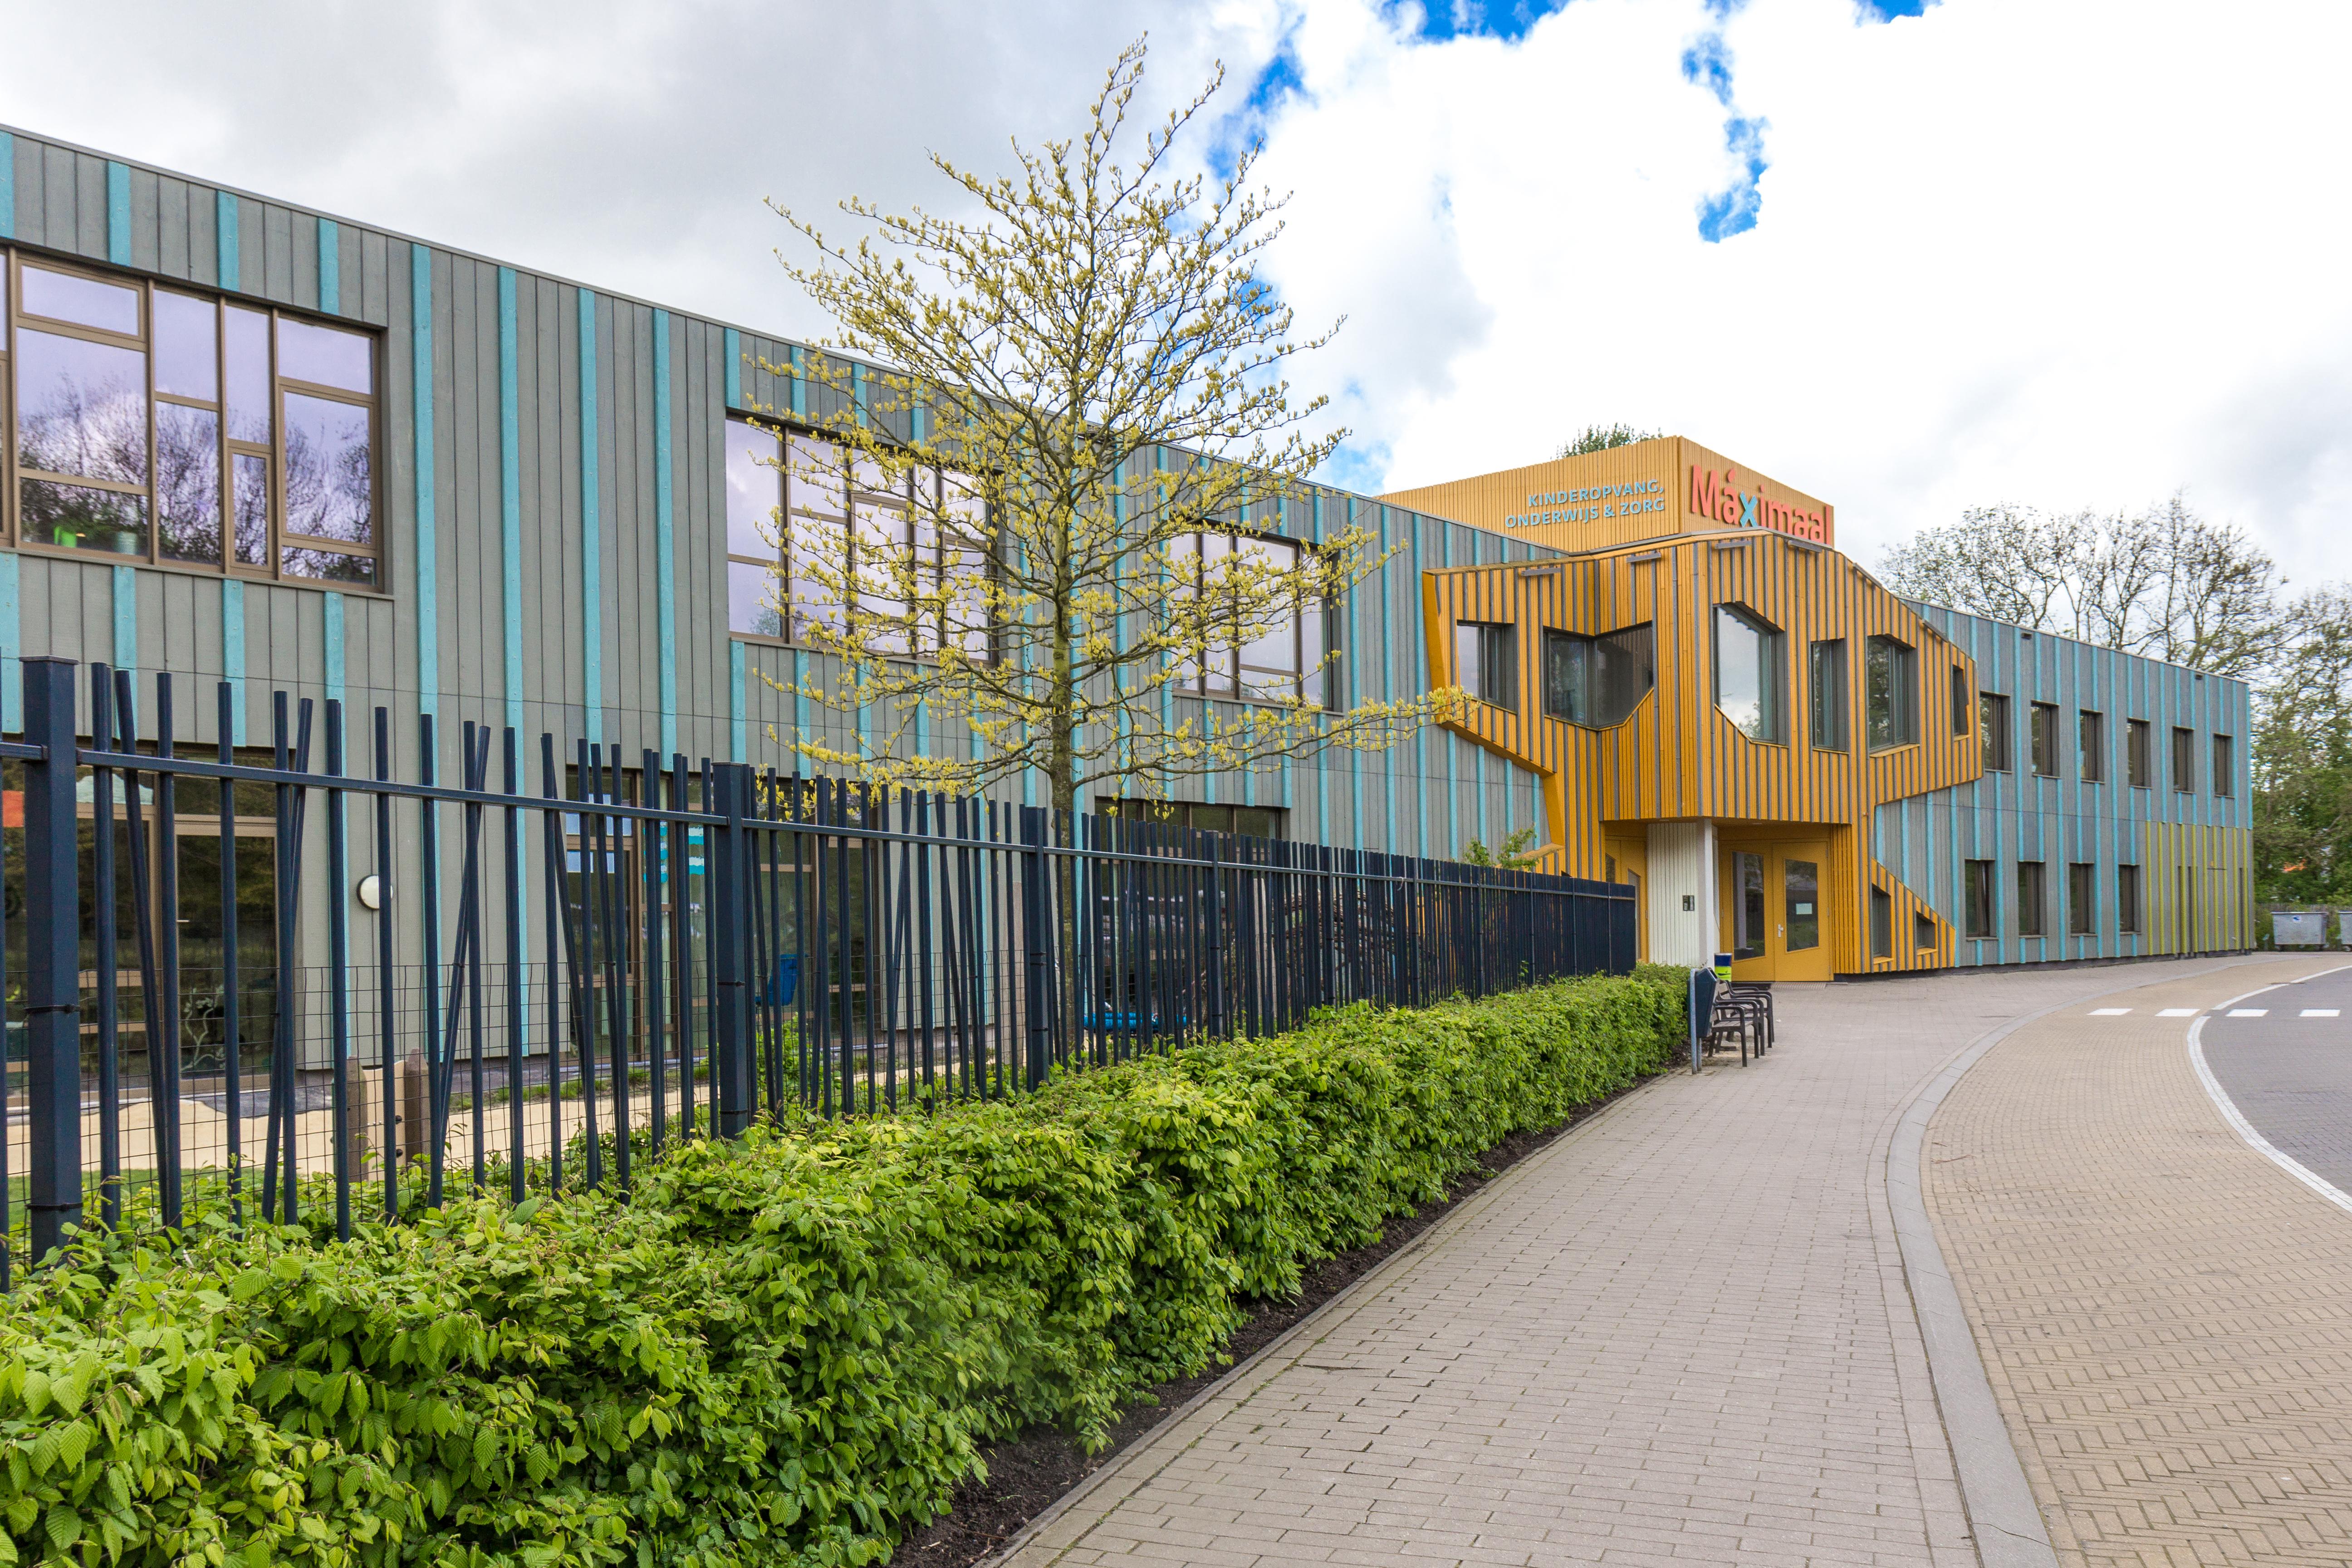 KOZ-Maximaal-Rotterdam-4512